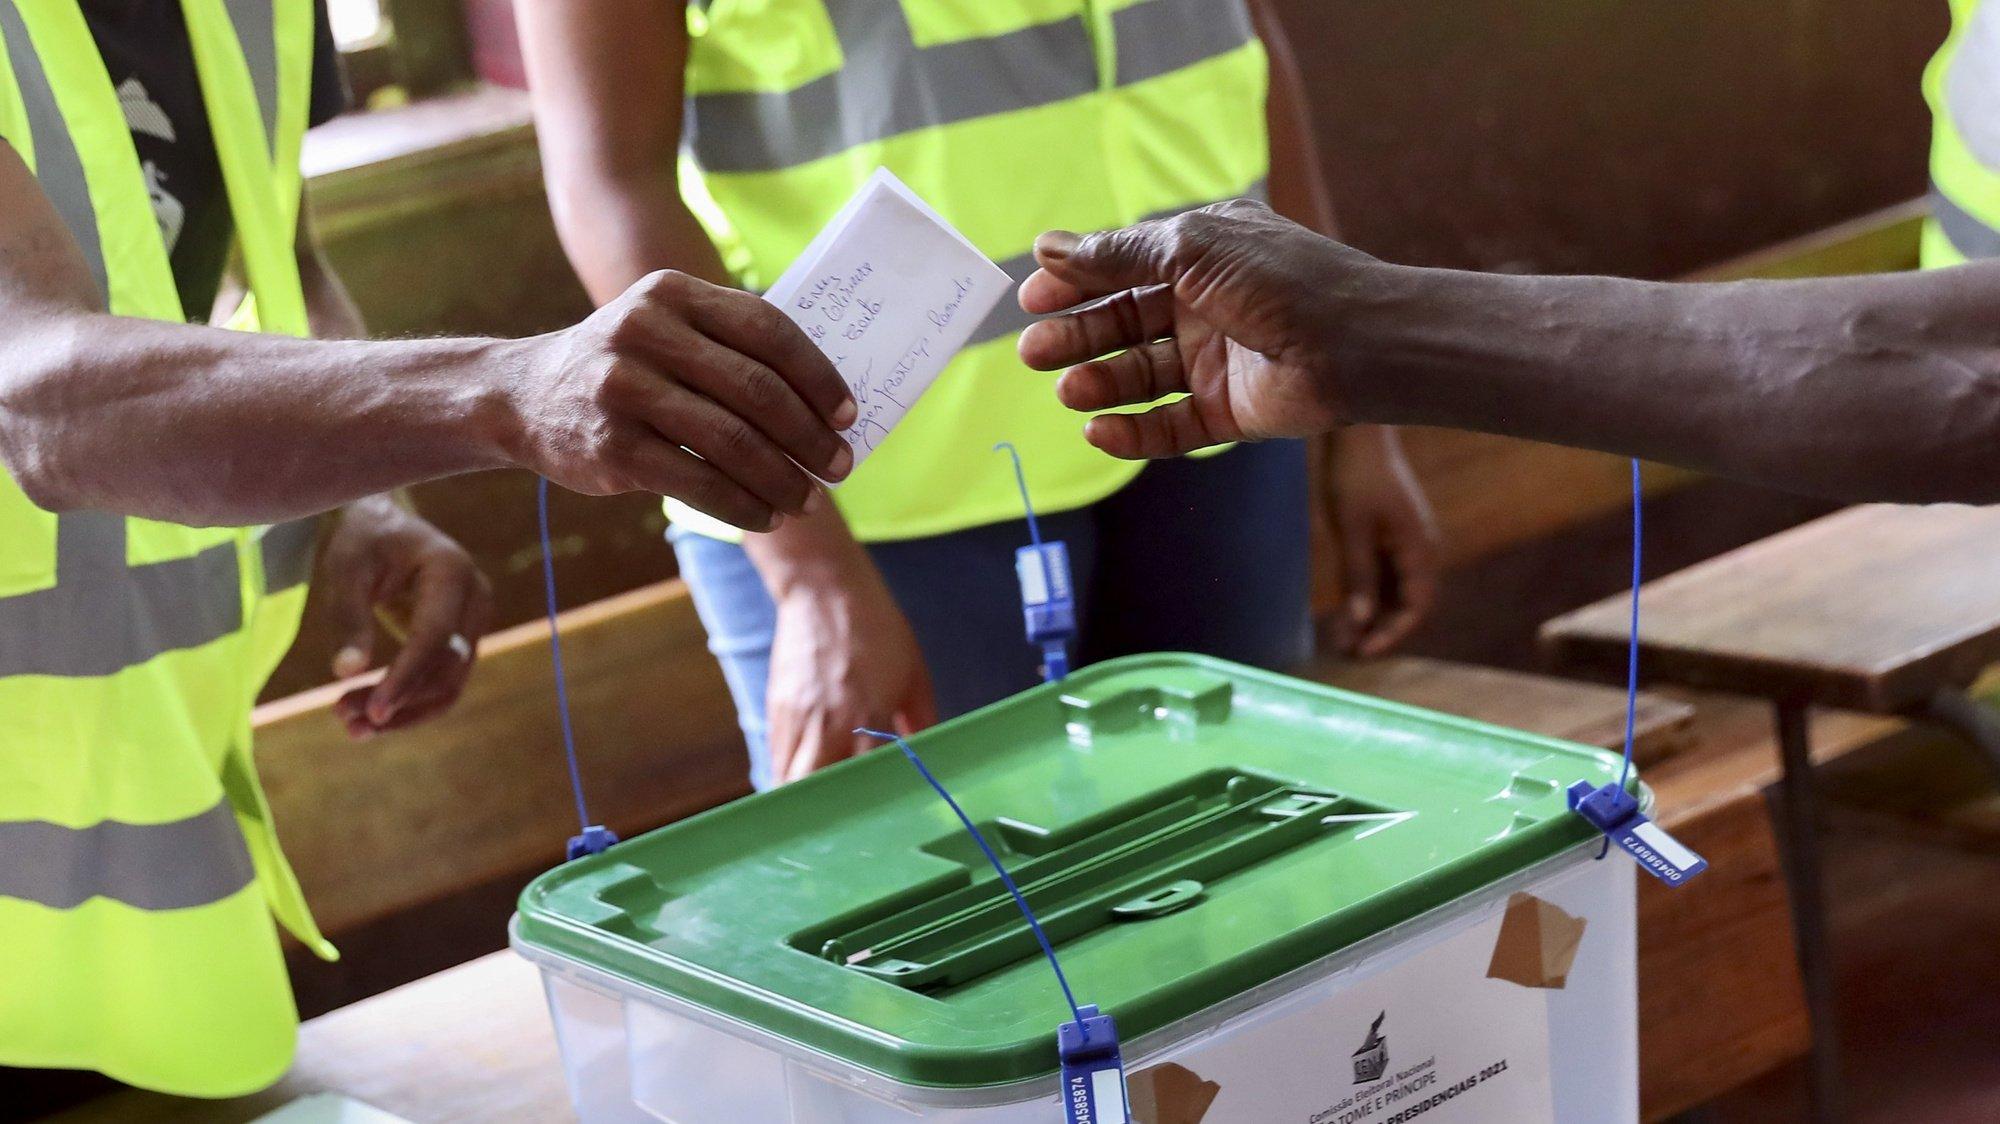 Eleitores votam durante a segunda volta das eleições presidenciais em São Tomé e Príncipe. Os candidatos Carlos Vila Nova e Guilherme Posser da Costa disputam hoje o cargo para a Presidência da República de São Tomé e Príncipe. Carlos Vila Nova (apoiado pelo partido Ação Democrática Independente, oposição) venceu a primeira volta das eleições presidenciais, realizada em 18 de julho, com 43,3% dos votos, enquanto Guilherme Posser da Costa (do Movimento de Libertação de São Tomé e Príncipe - Partido Social Democrata, no poder) teve 20,7%. São Tomé, 05 de setembro de 2021. NUNO VEIGA / LUSA